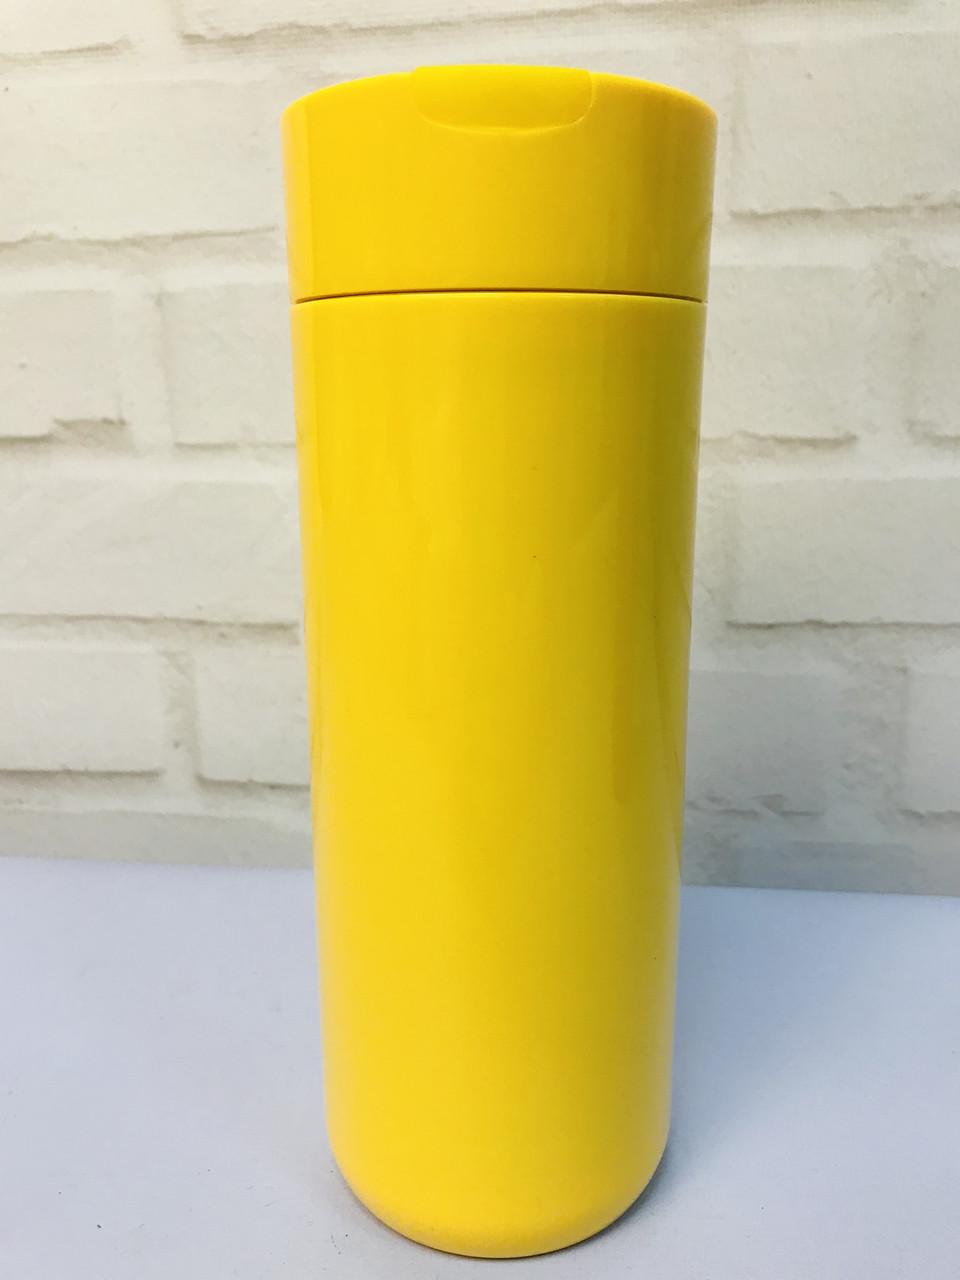 Компактный Антигравитационный Мини-термос 400 мл Never spill over. Лучшая Цена! - фото 3